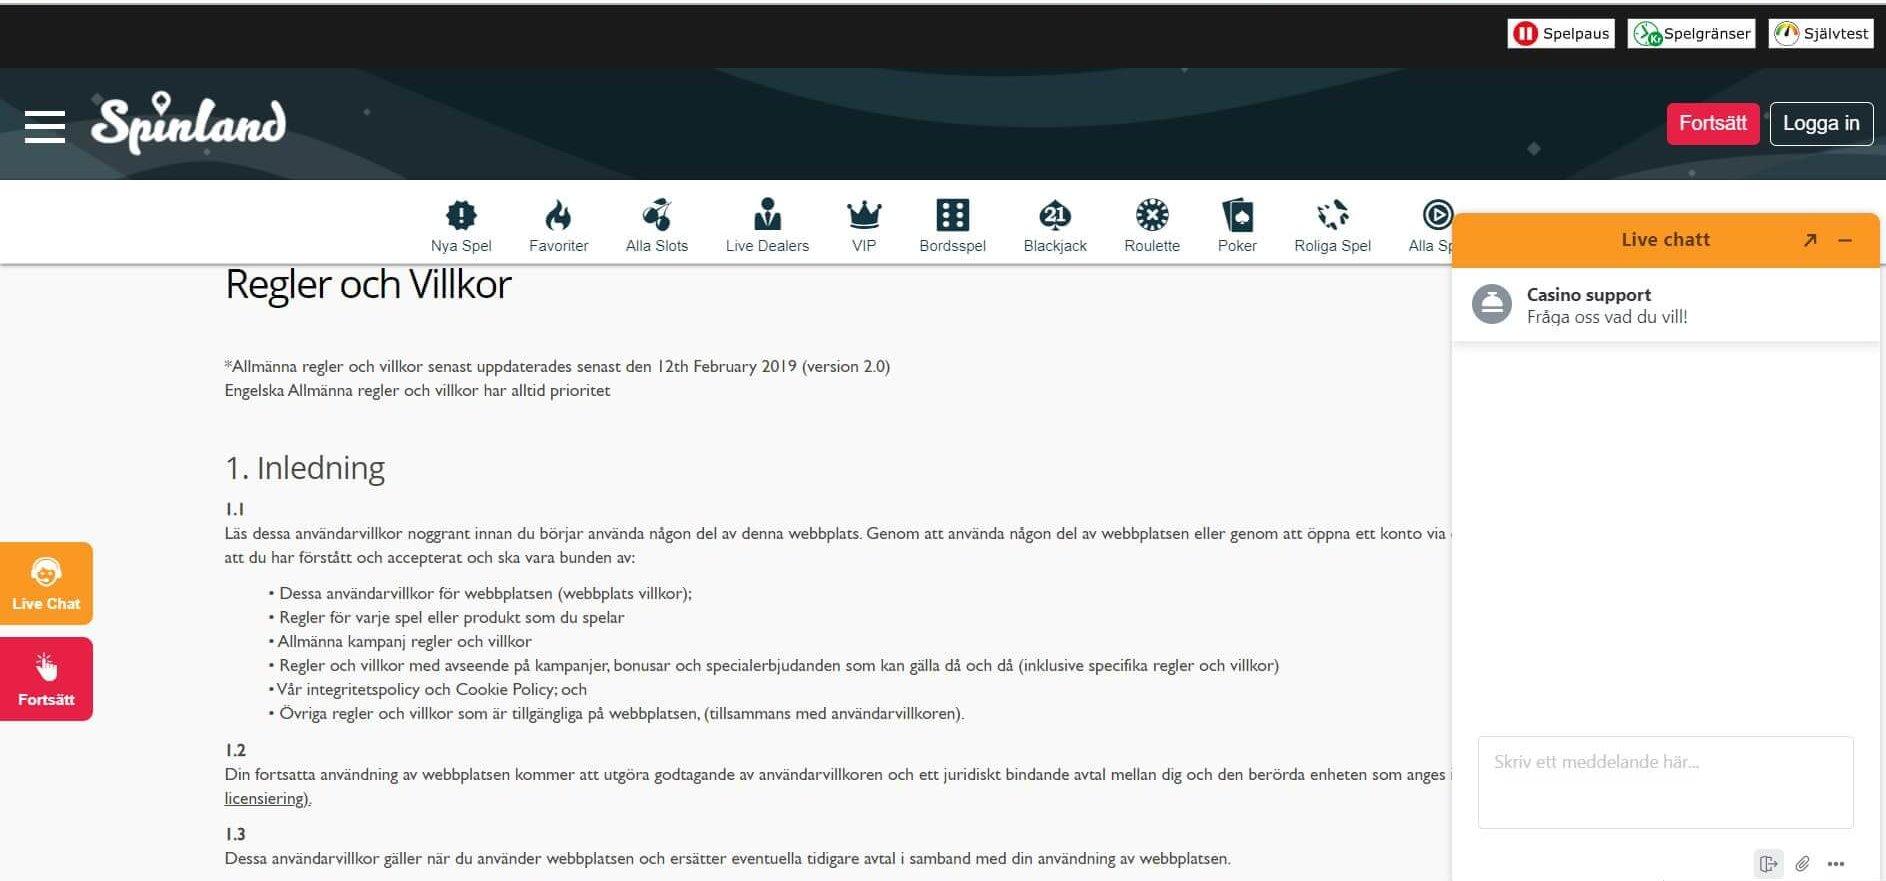 Spinlands support består av villkor live chat